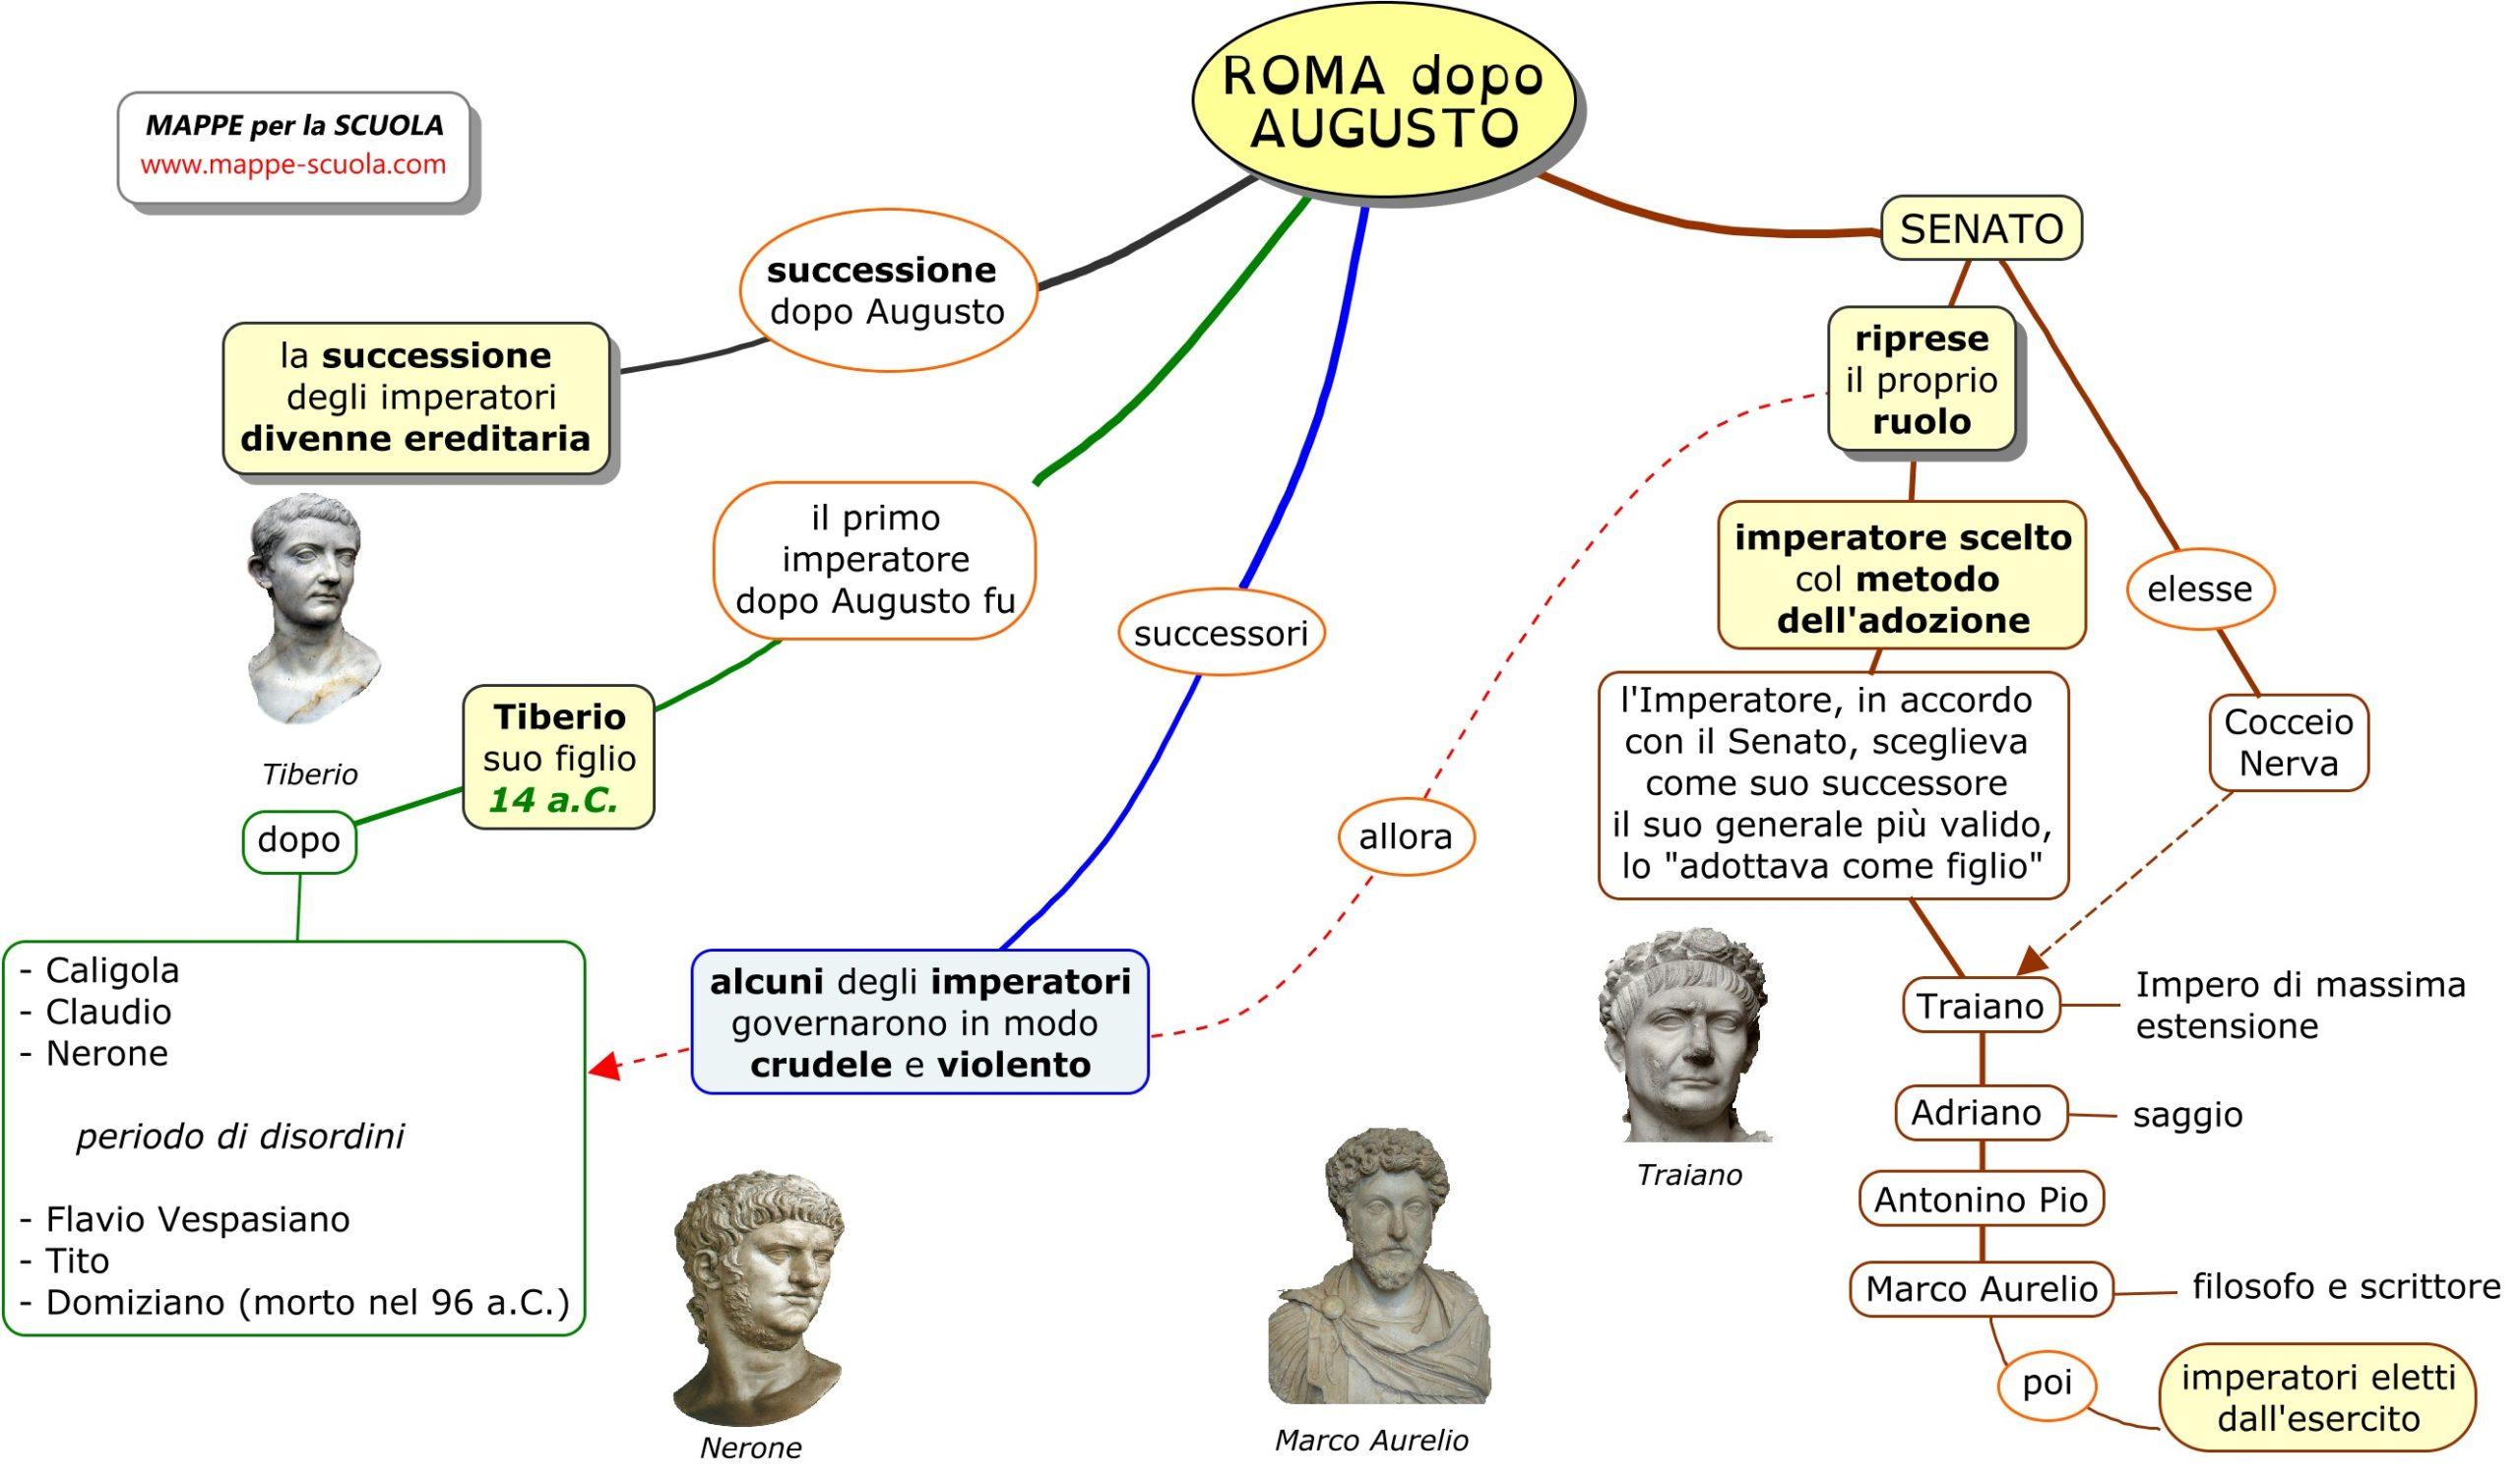 Roma dopo Augusto